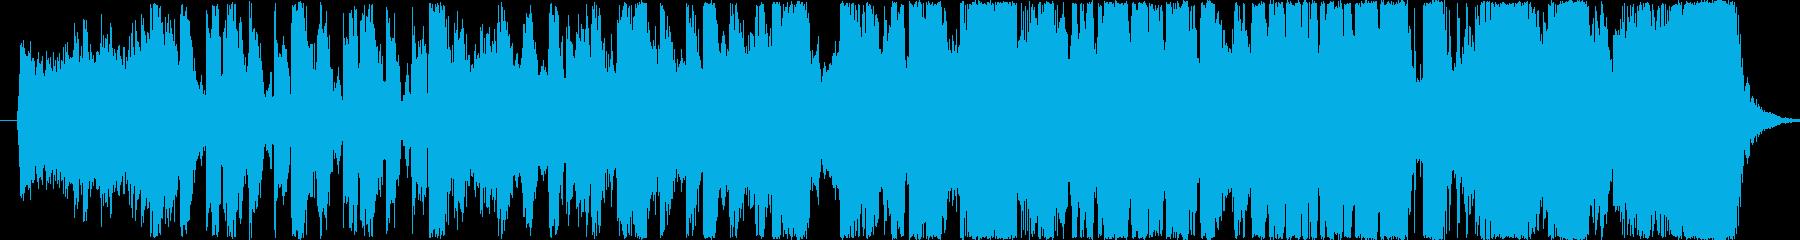 ダイナミックで激しいメロディーの再生済みの波形